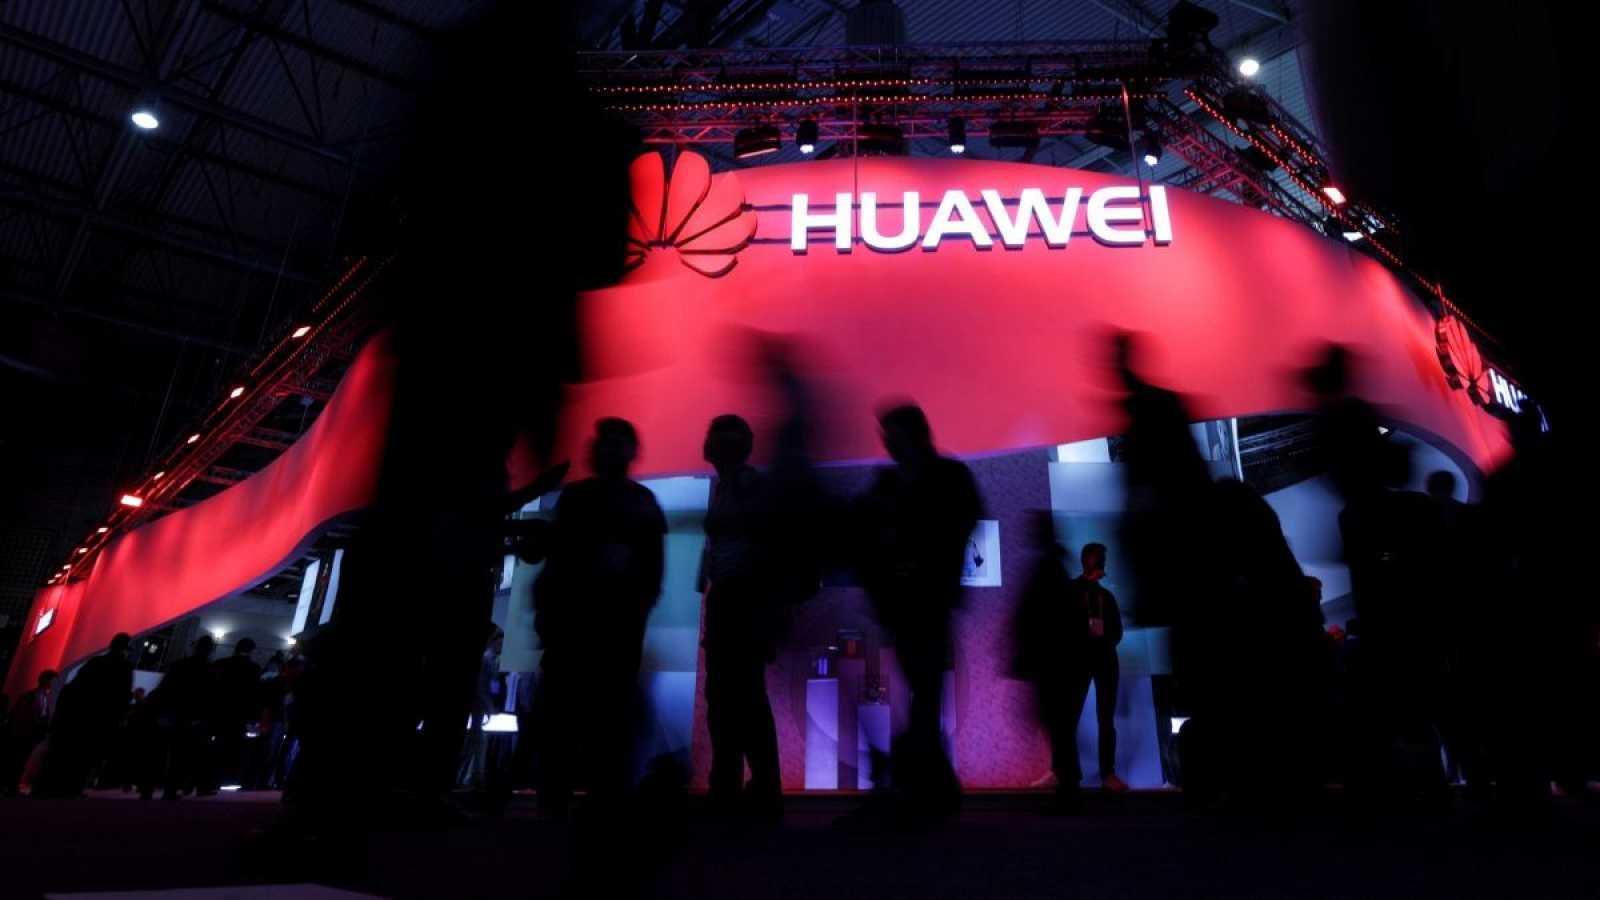 Huawei asegura que seguirá proporcionando actualizaciones tras el veto de Google